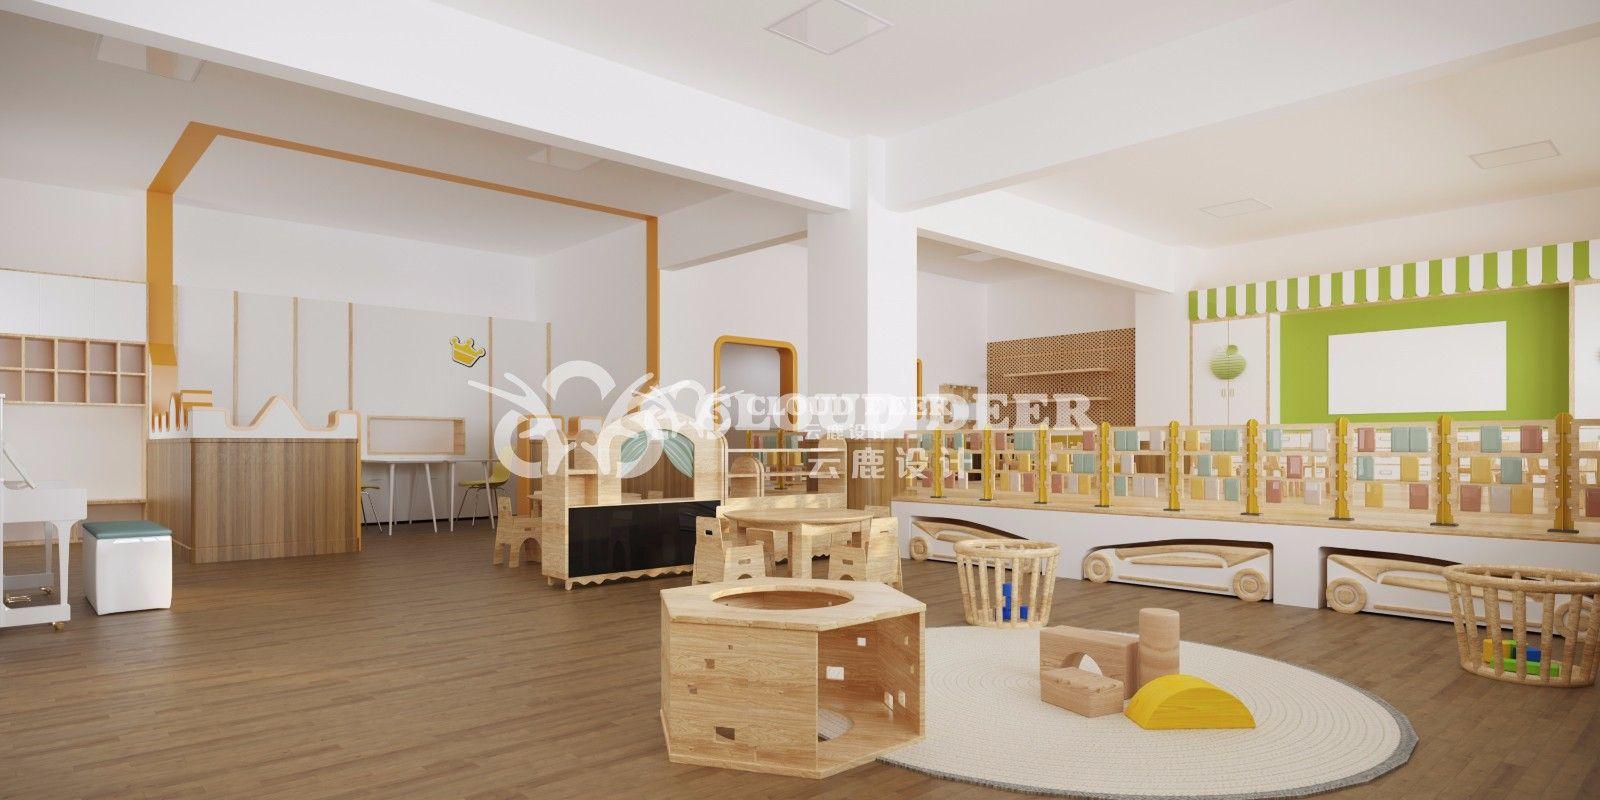 玲珑幼儿园设计欣赏